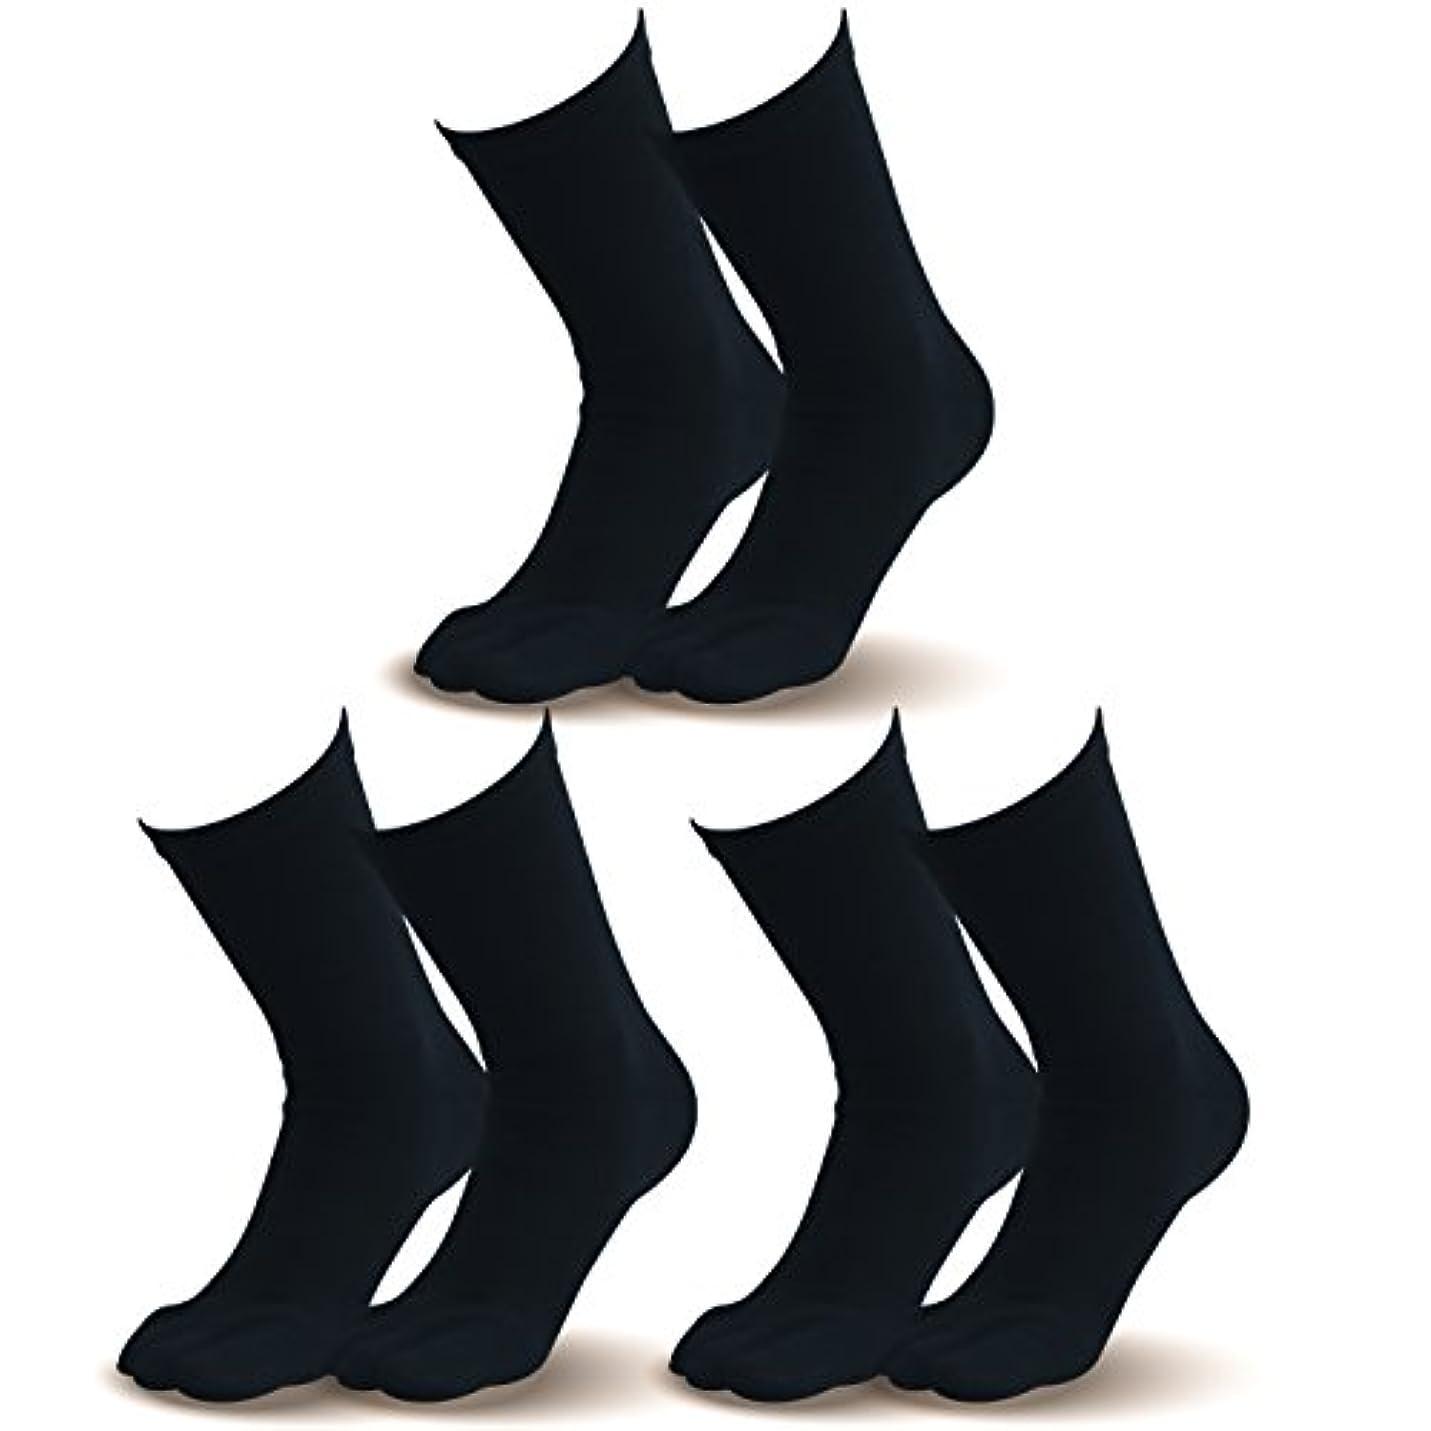 追跡部門機会【指先まであったか靴下】とってもお得な ブラック3足組  温かい 暖かい 遠赤外線加工 セラミック 伸びる 外反母趾対策 健康 5本指ソックス